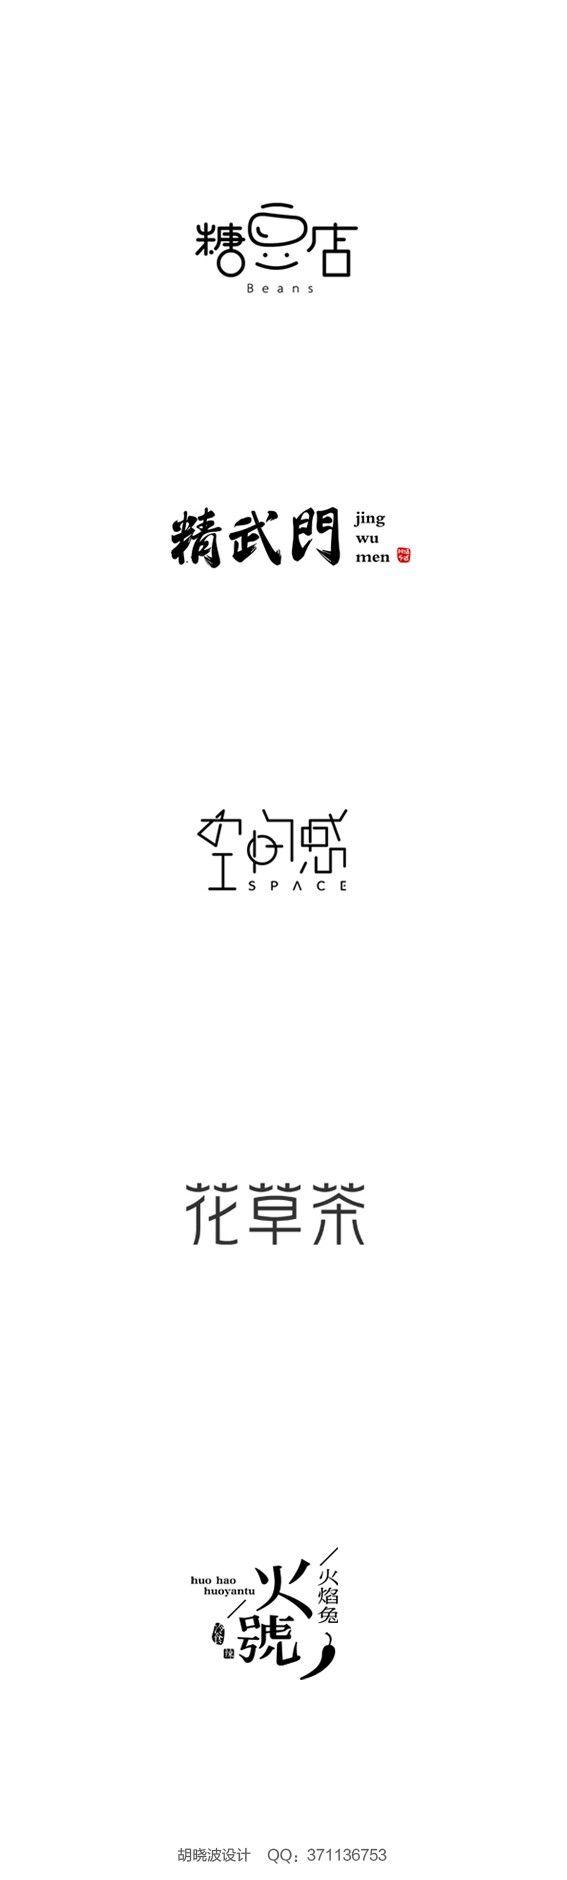 胡晓波-字体设计 - 字体设计 书法作品